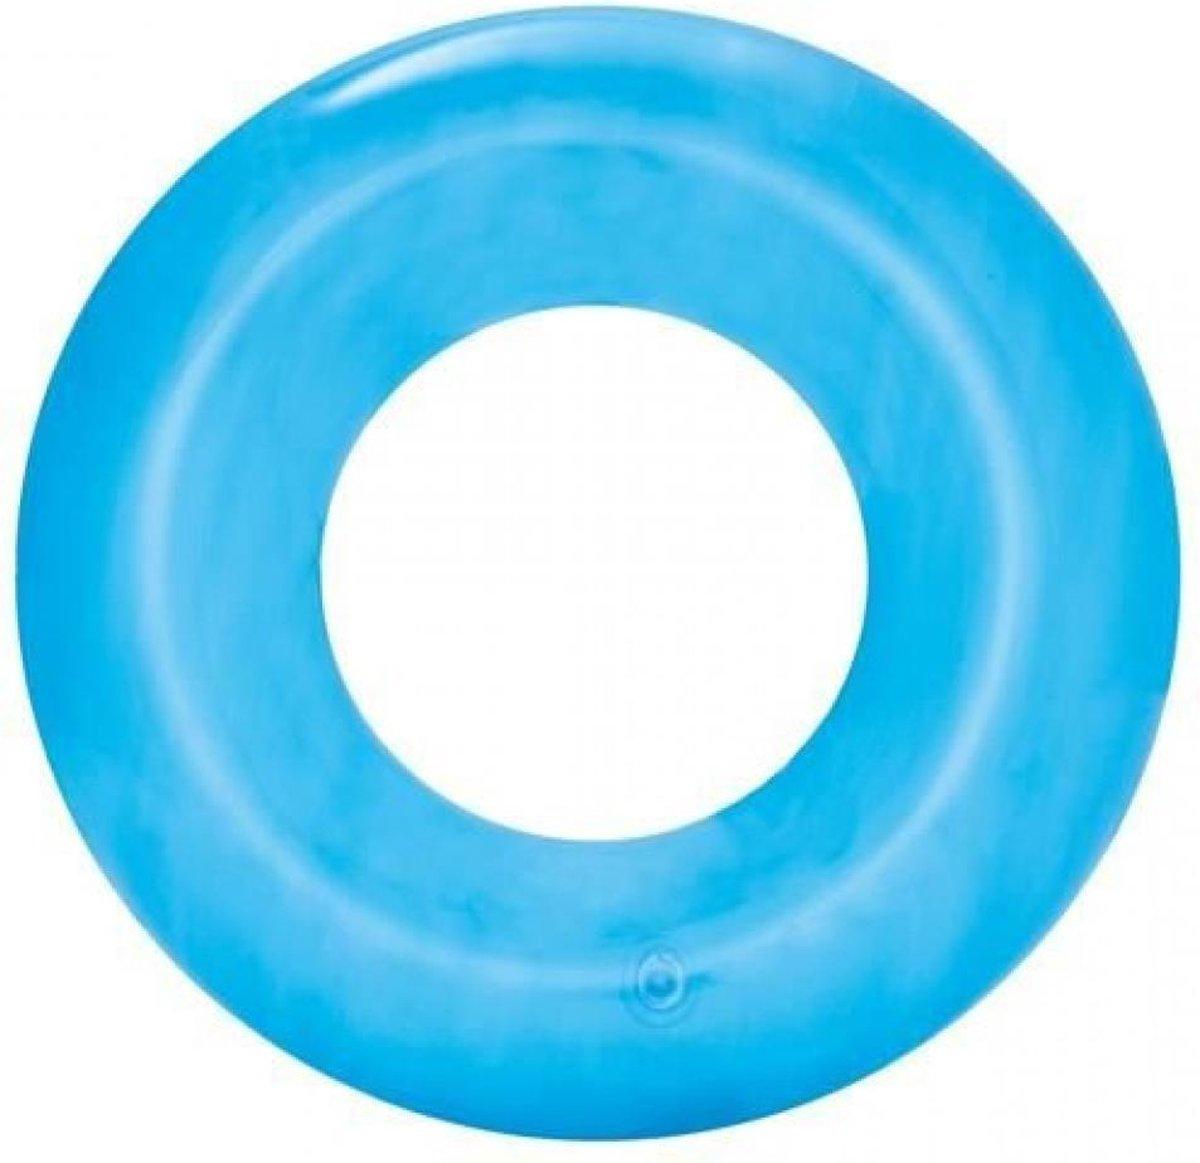 Zwemring Kind 3 Jaar / 4 Jaar / 6 Jaar | Opblaasbare Zwemband 51 cm Blauw